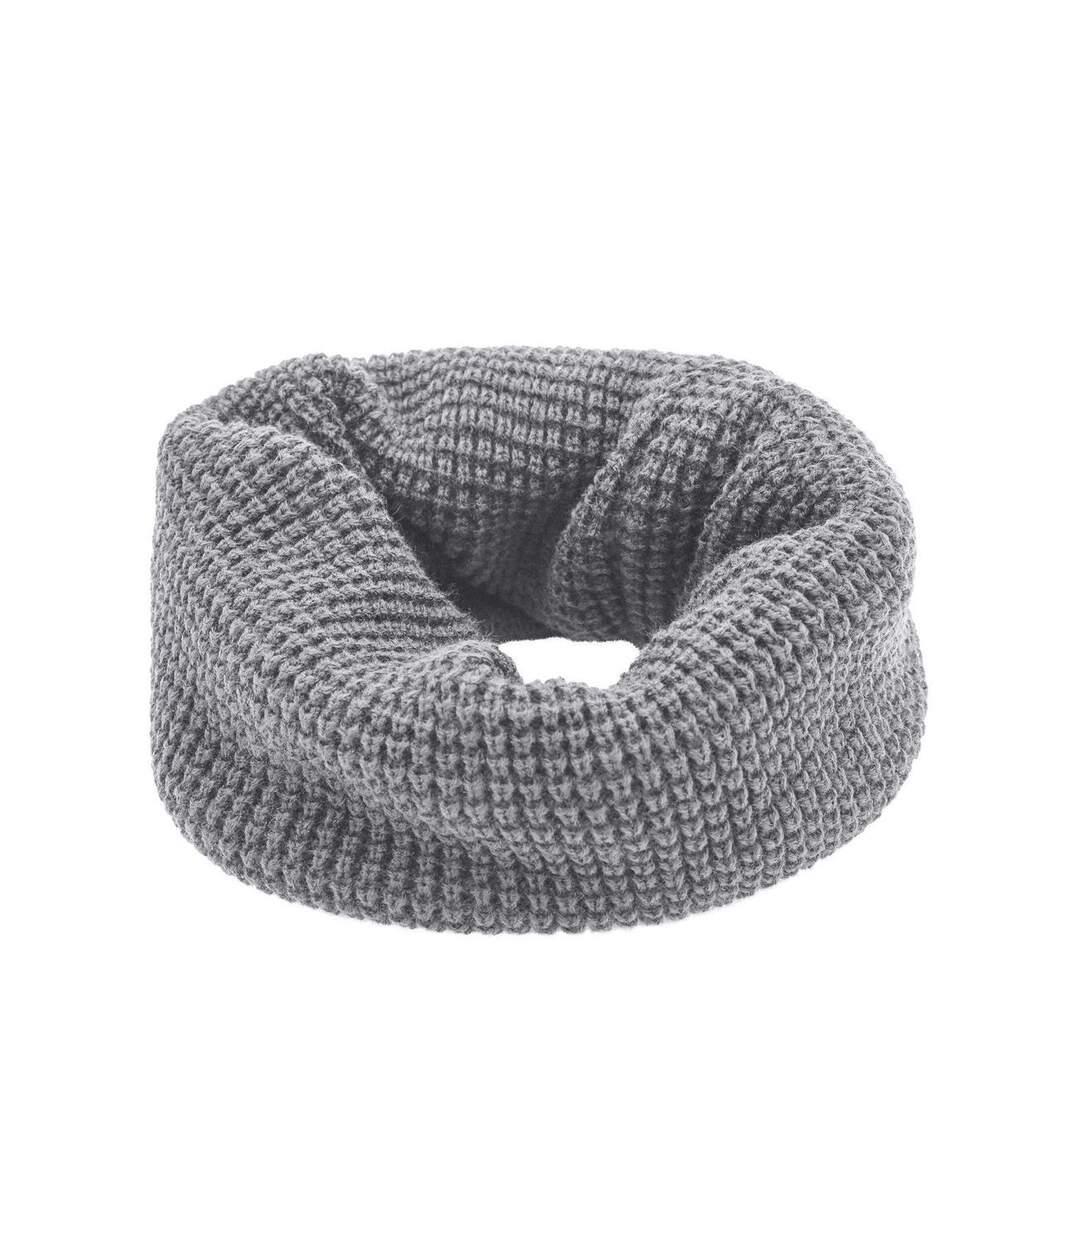 Echarpe - Tour de cou adulte - Taille unique - MB7314 - gris clair